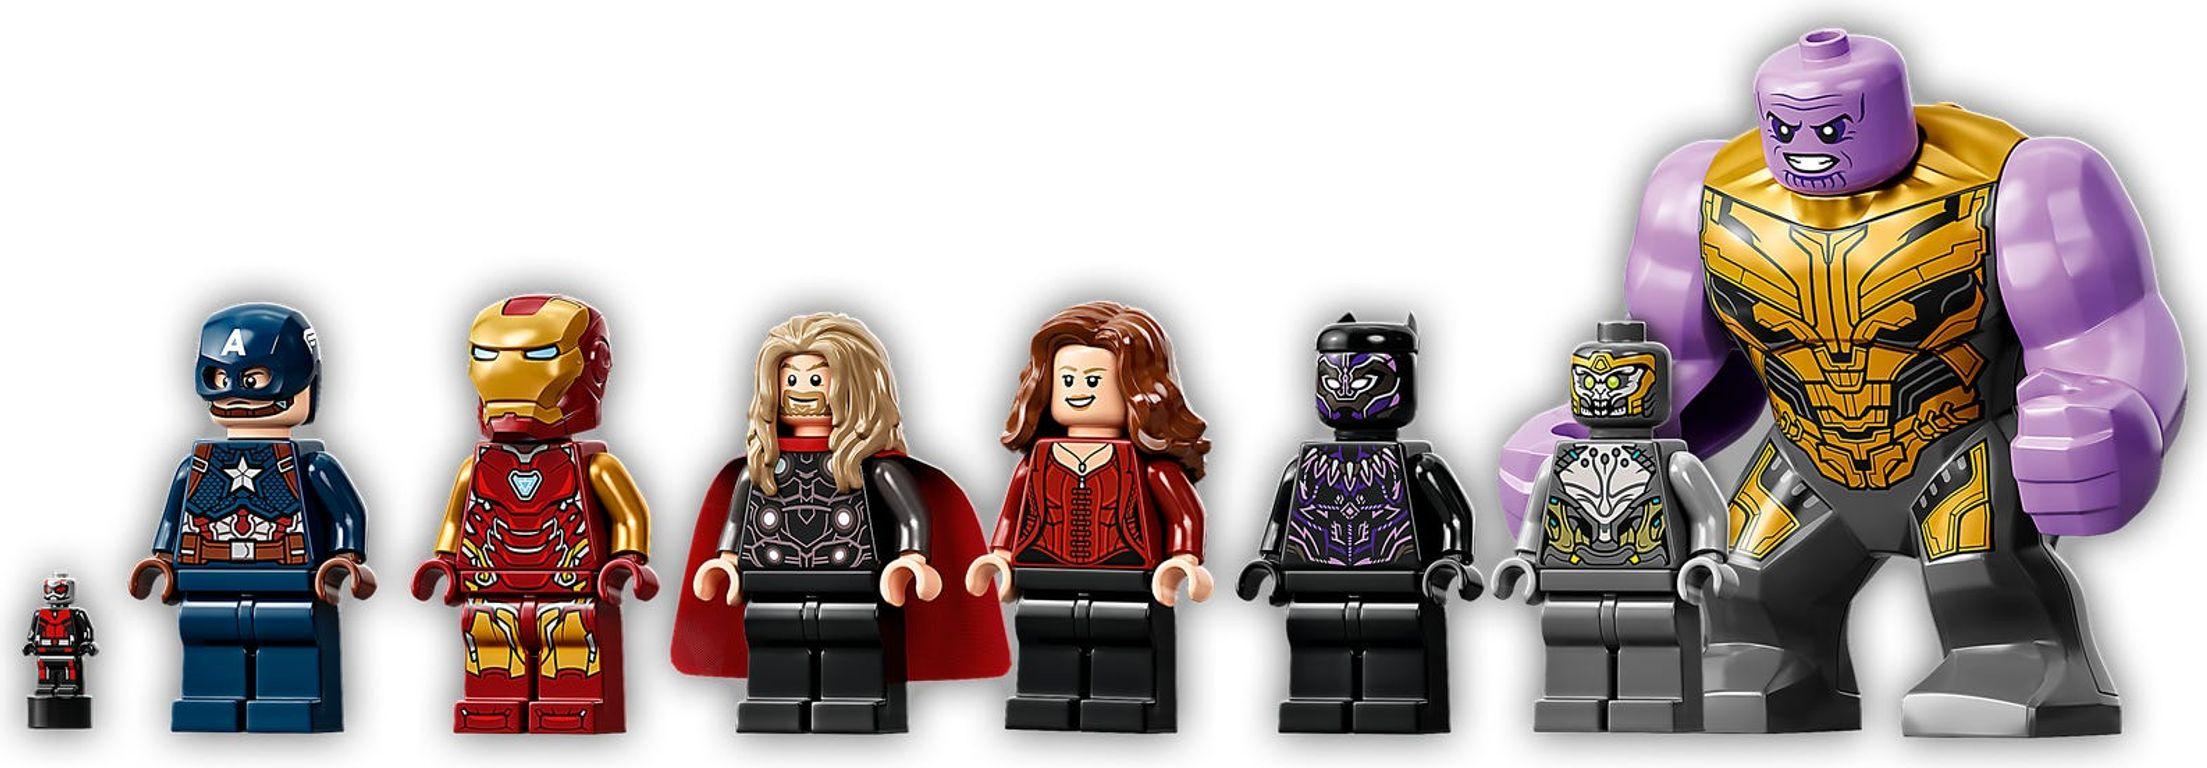 LEGO® Marvel Avengers: Endgame Final Battle minifigures